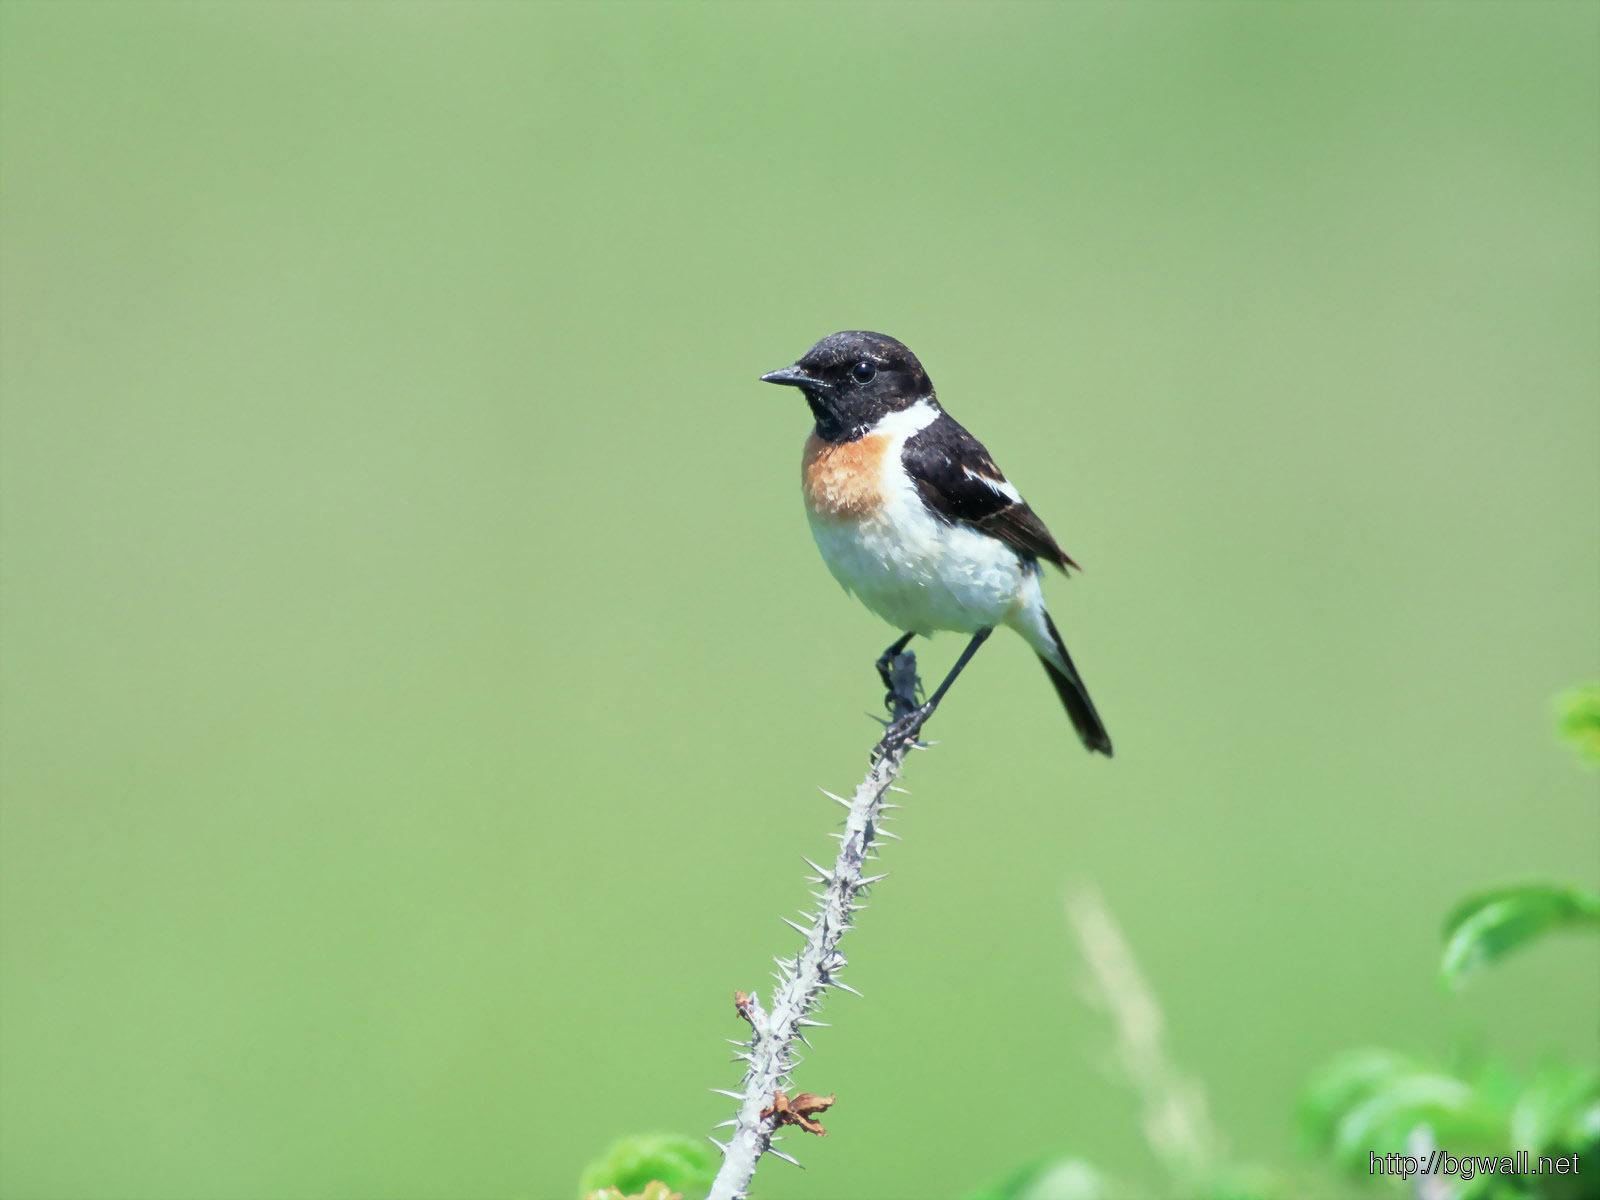 Bird-Pictures-Wallpaper